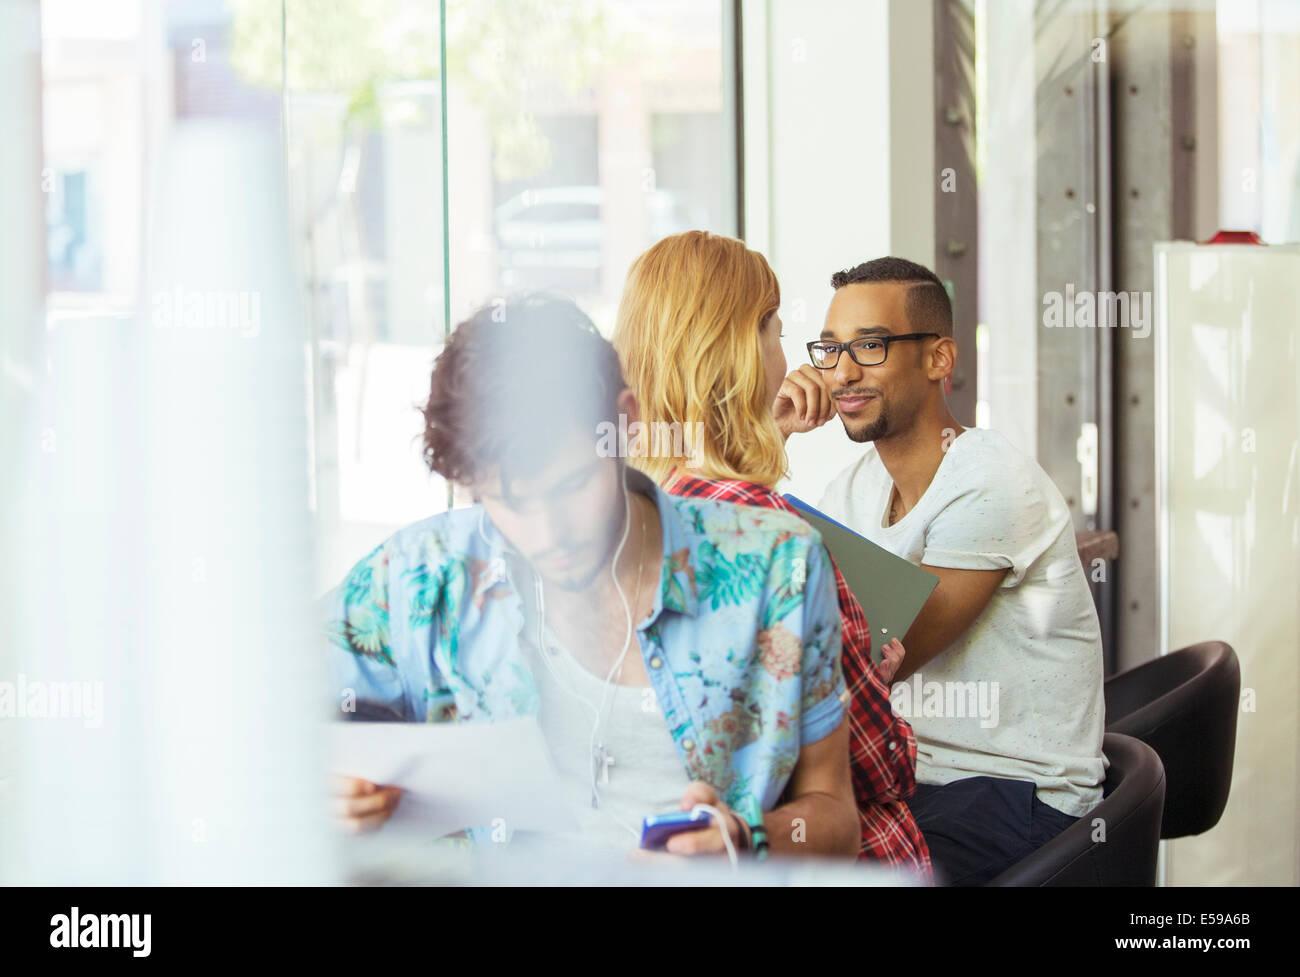 Las personas que trabajan en el café Imagen De Stock